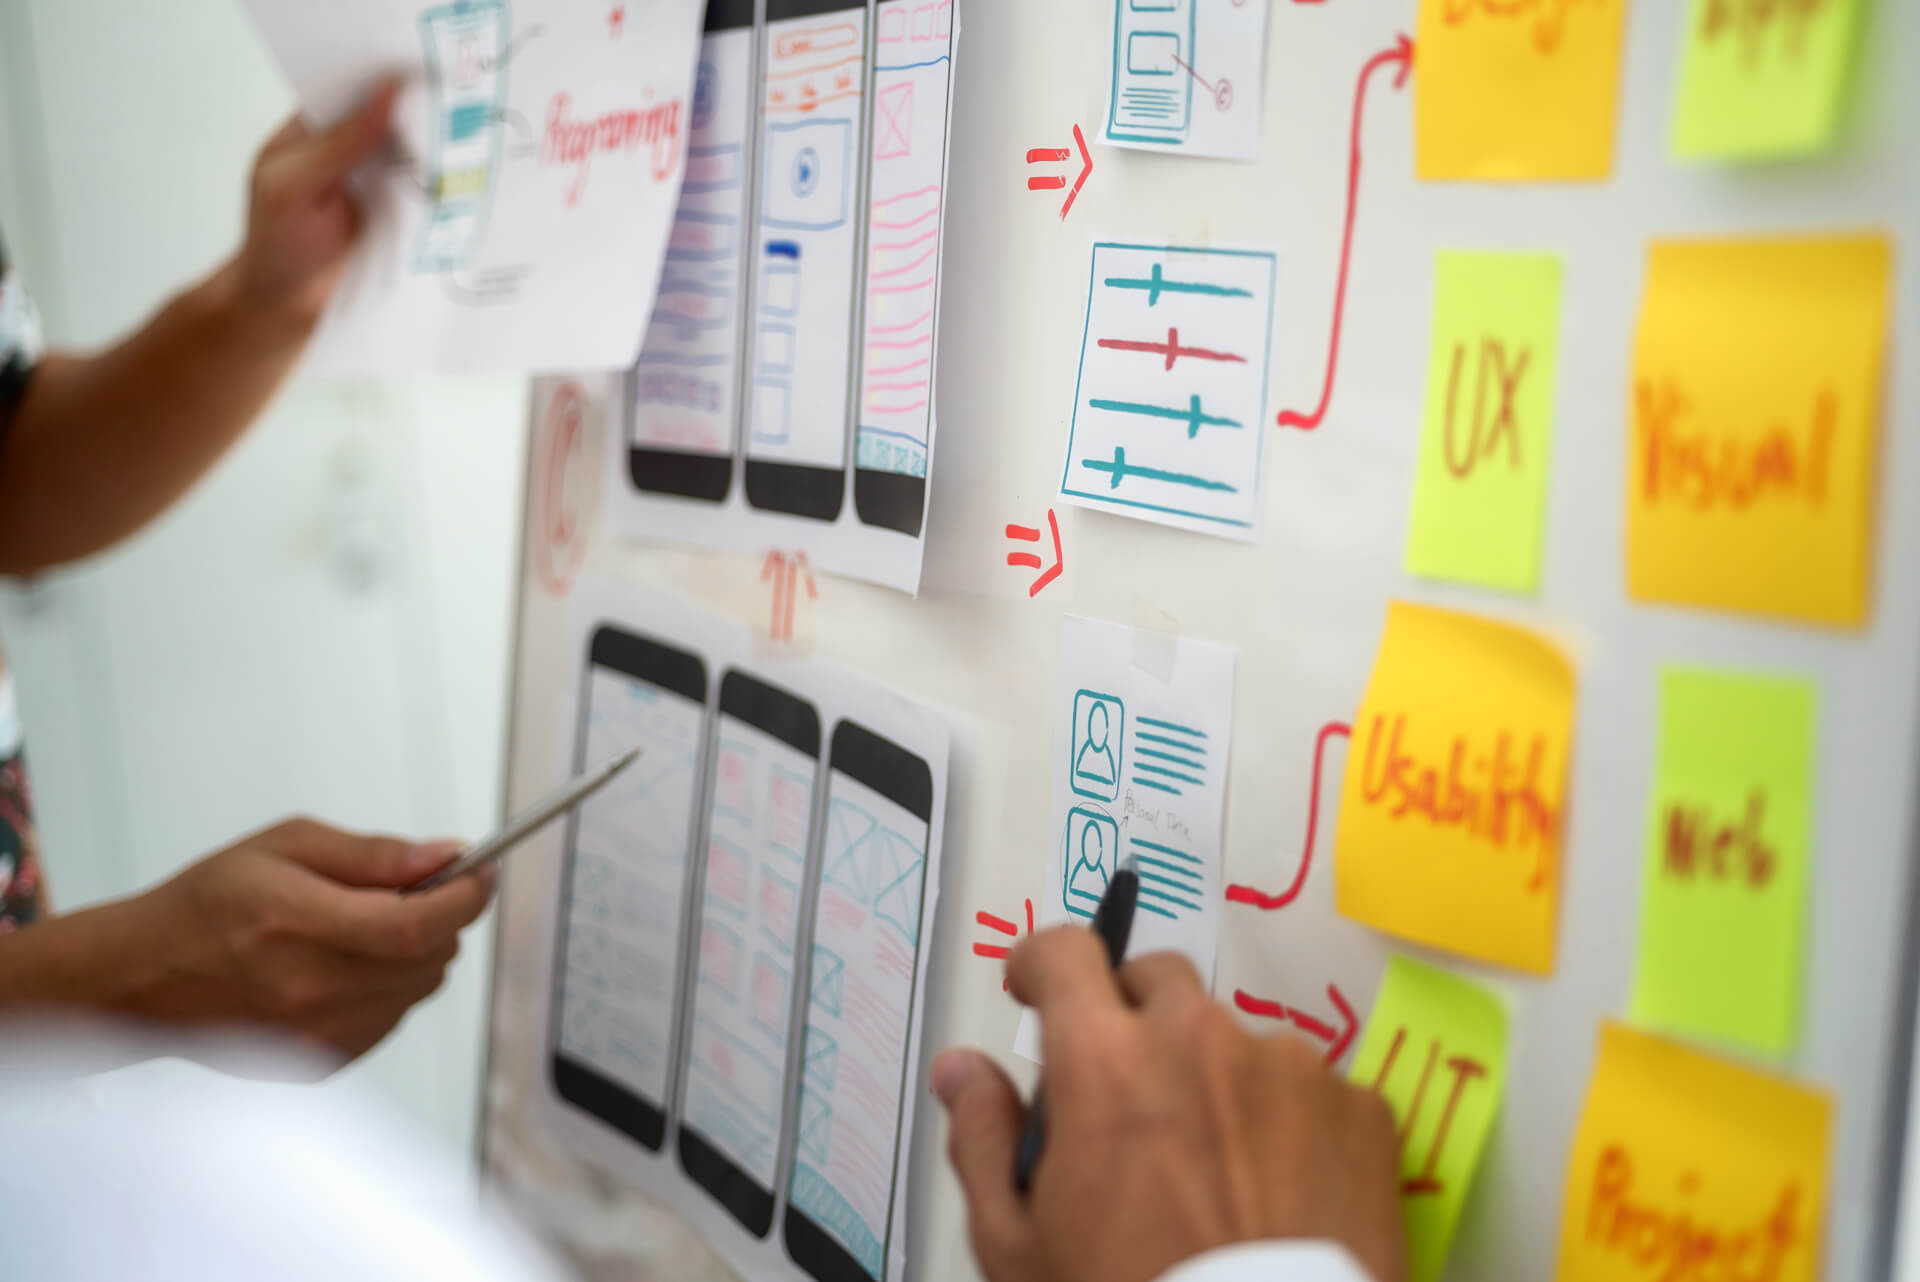 Fra prototype til ferdig app design